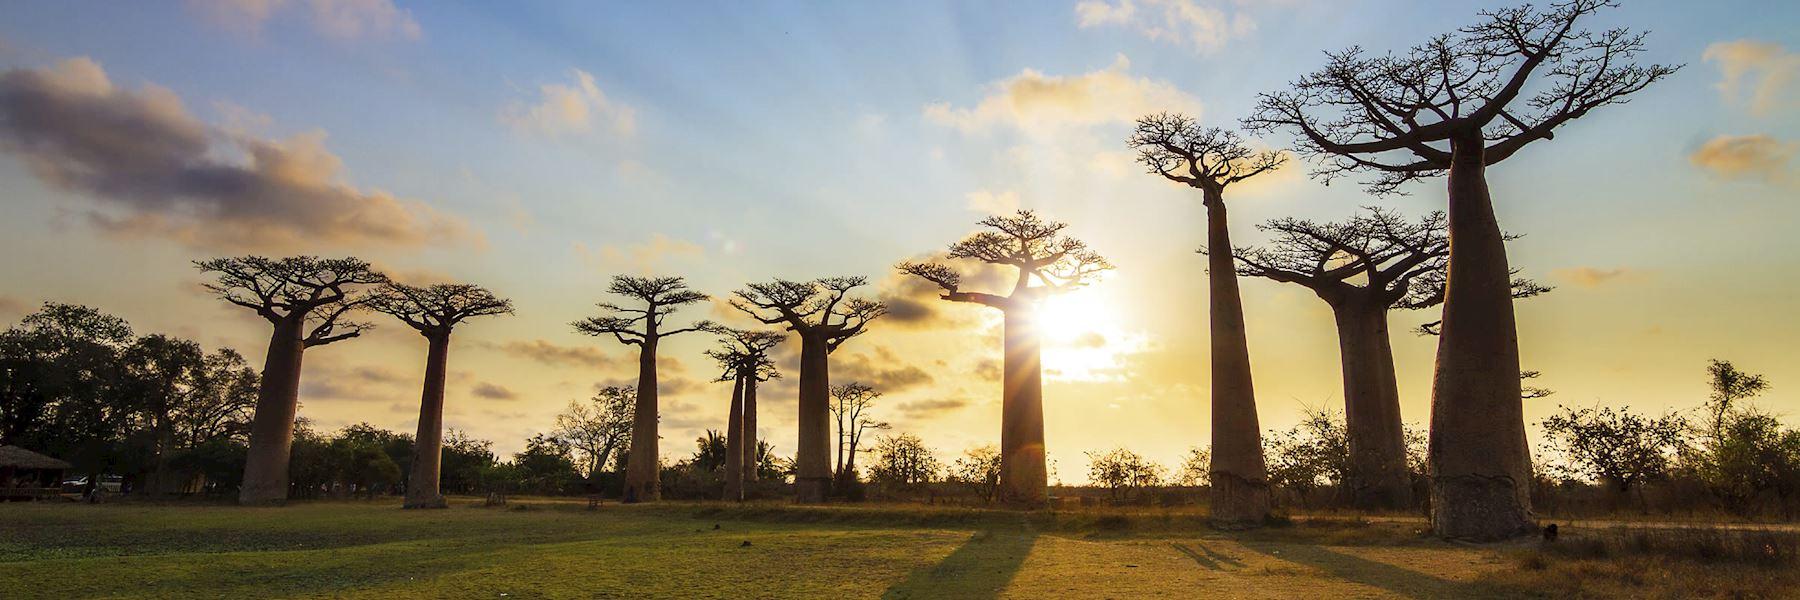 Madagascar trip ideas